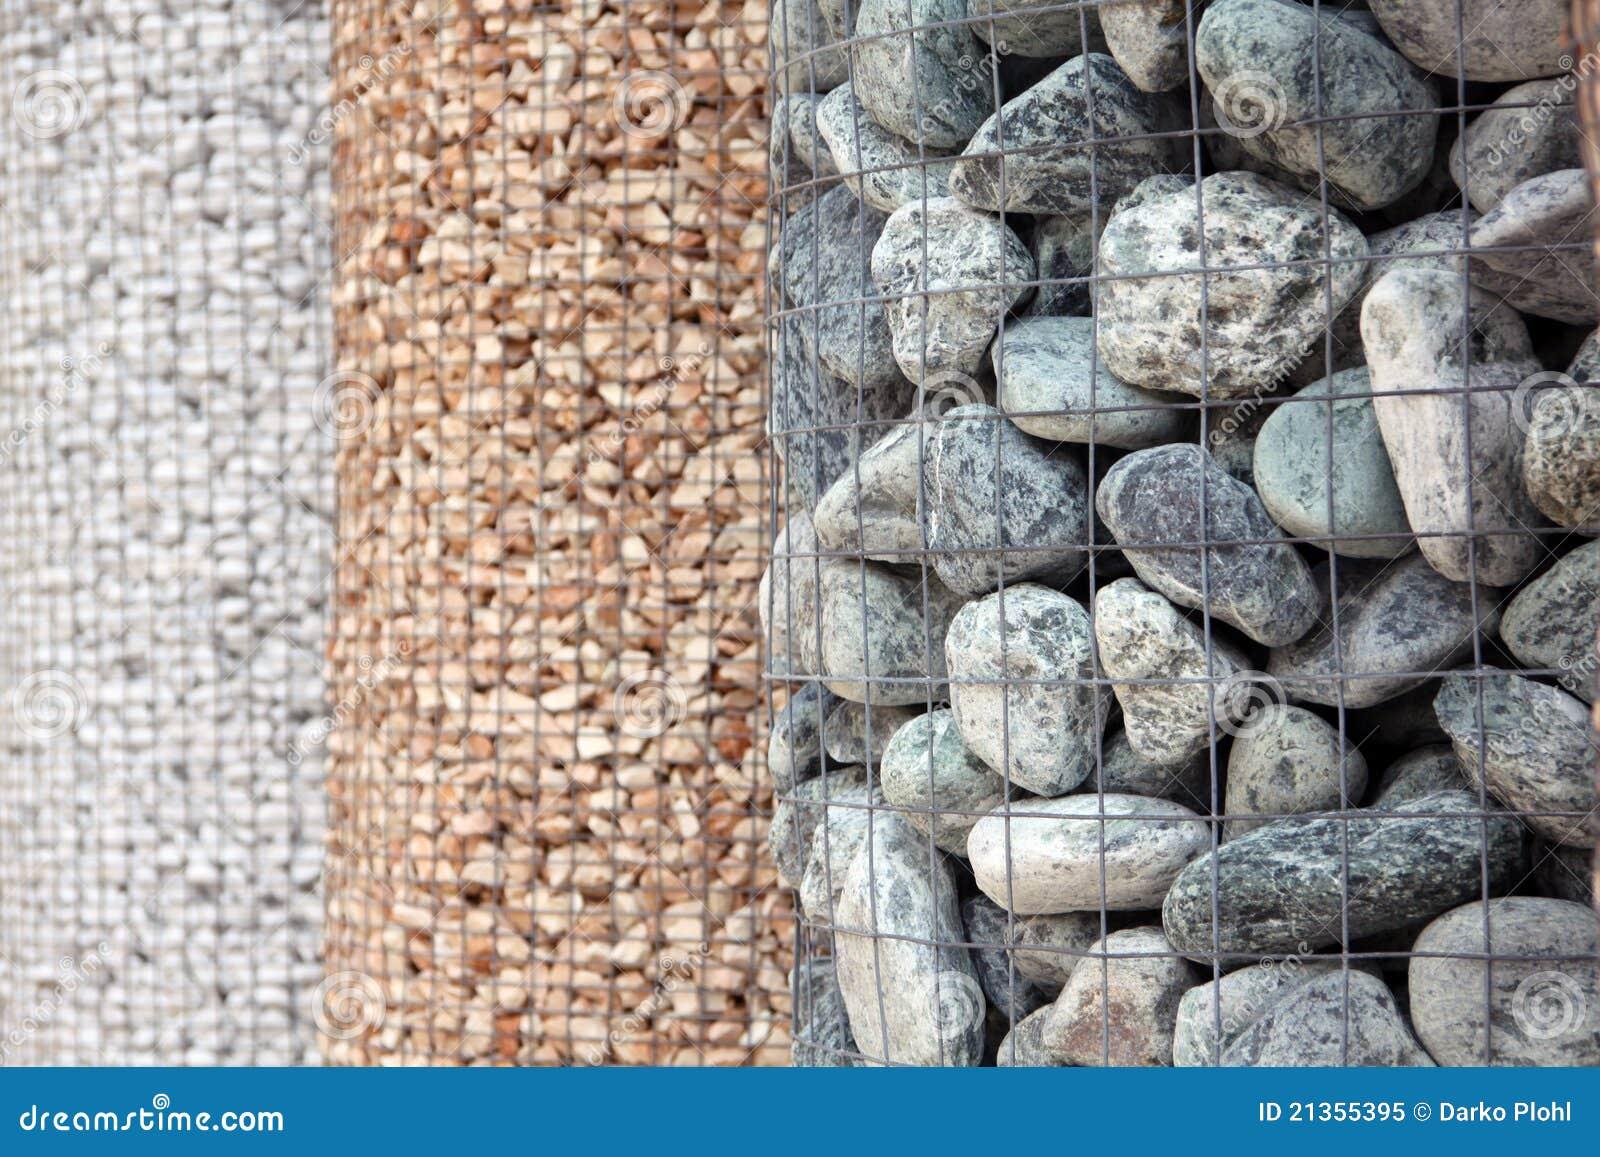 decoracao jardim pedras:Pedra Decorativa Para A Decoração Do Jardim Foto de Stock Royalty